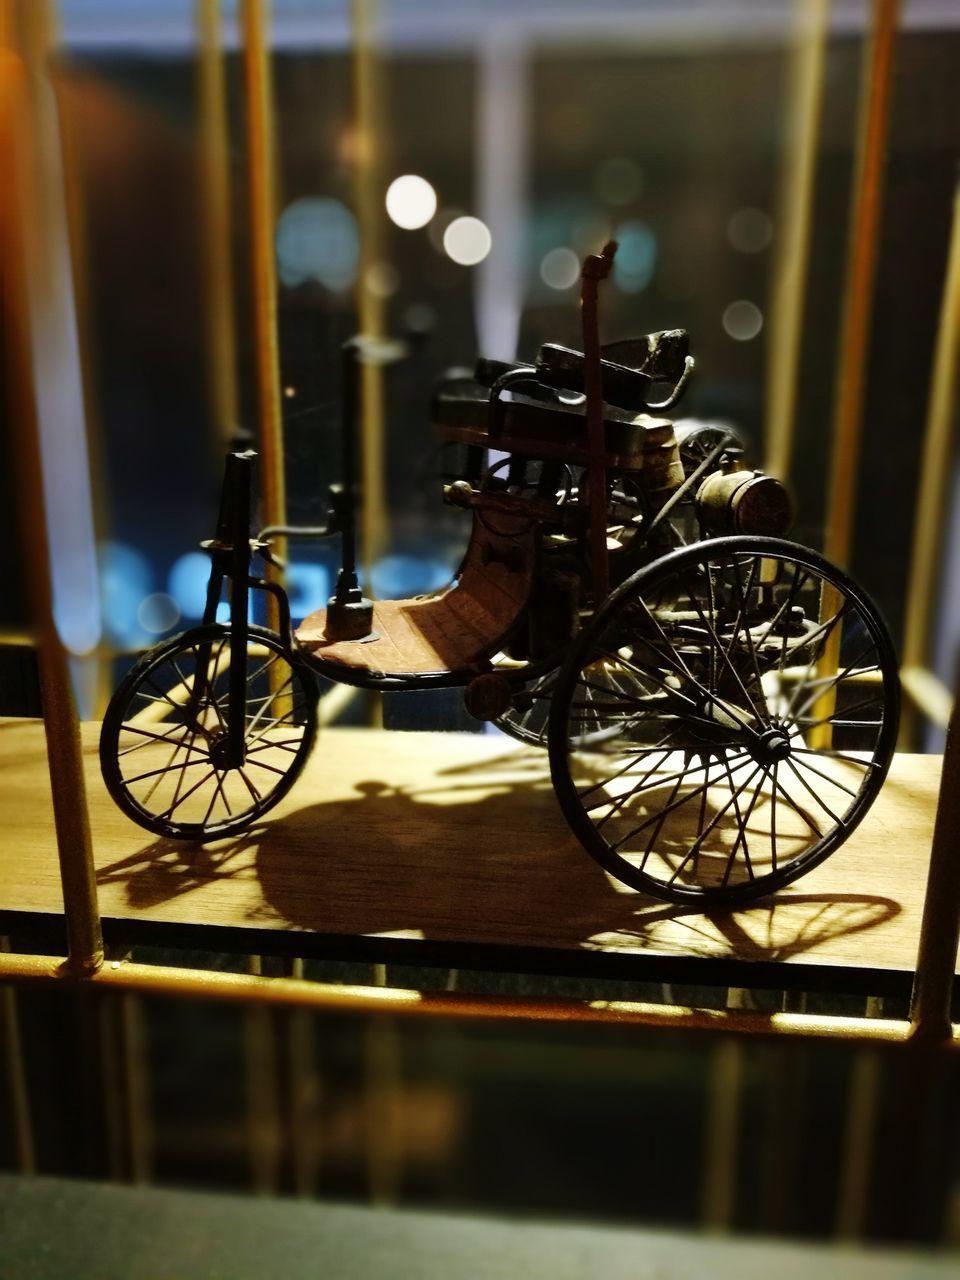 bicycle, transportation, mode of transport, land vehicle, stationary, wheel, no people, indoors, night, illuminated